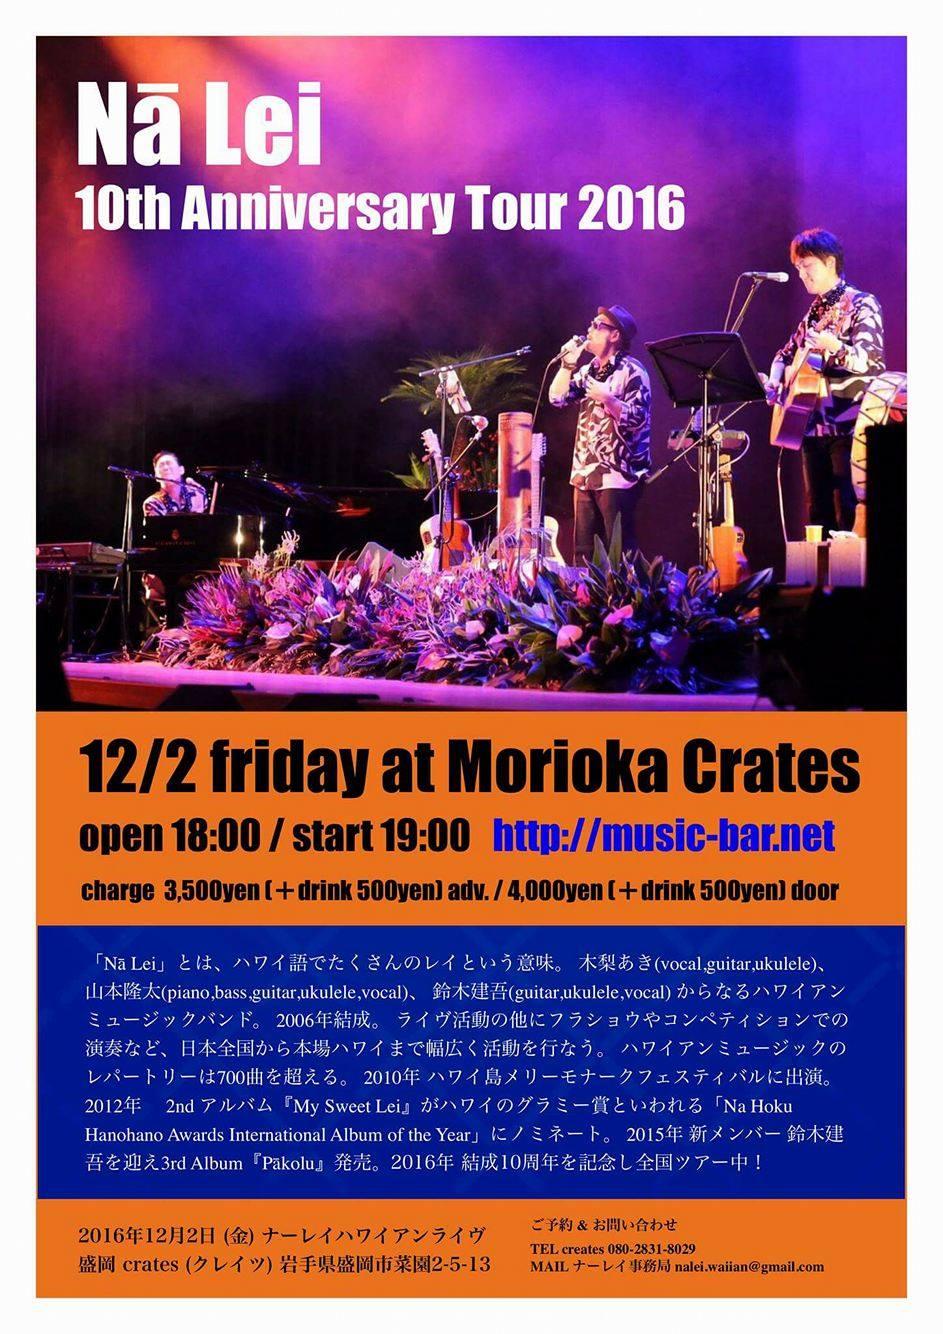 Nā Lei 10th Anniversary Tour